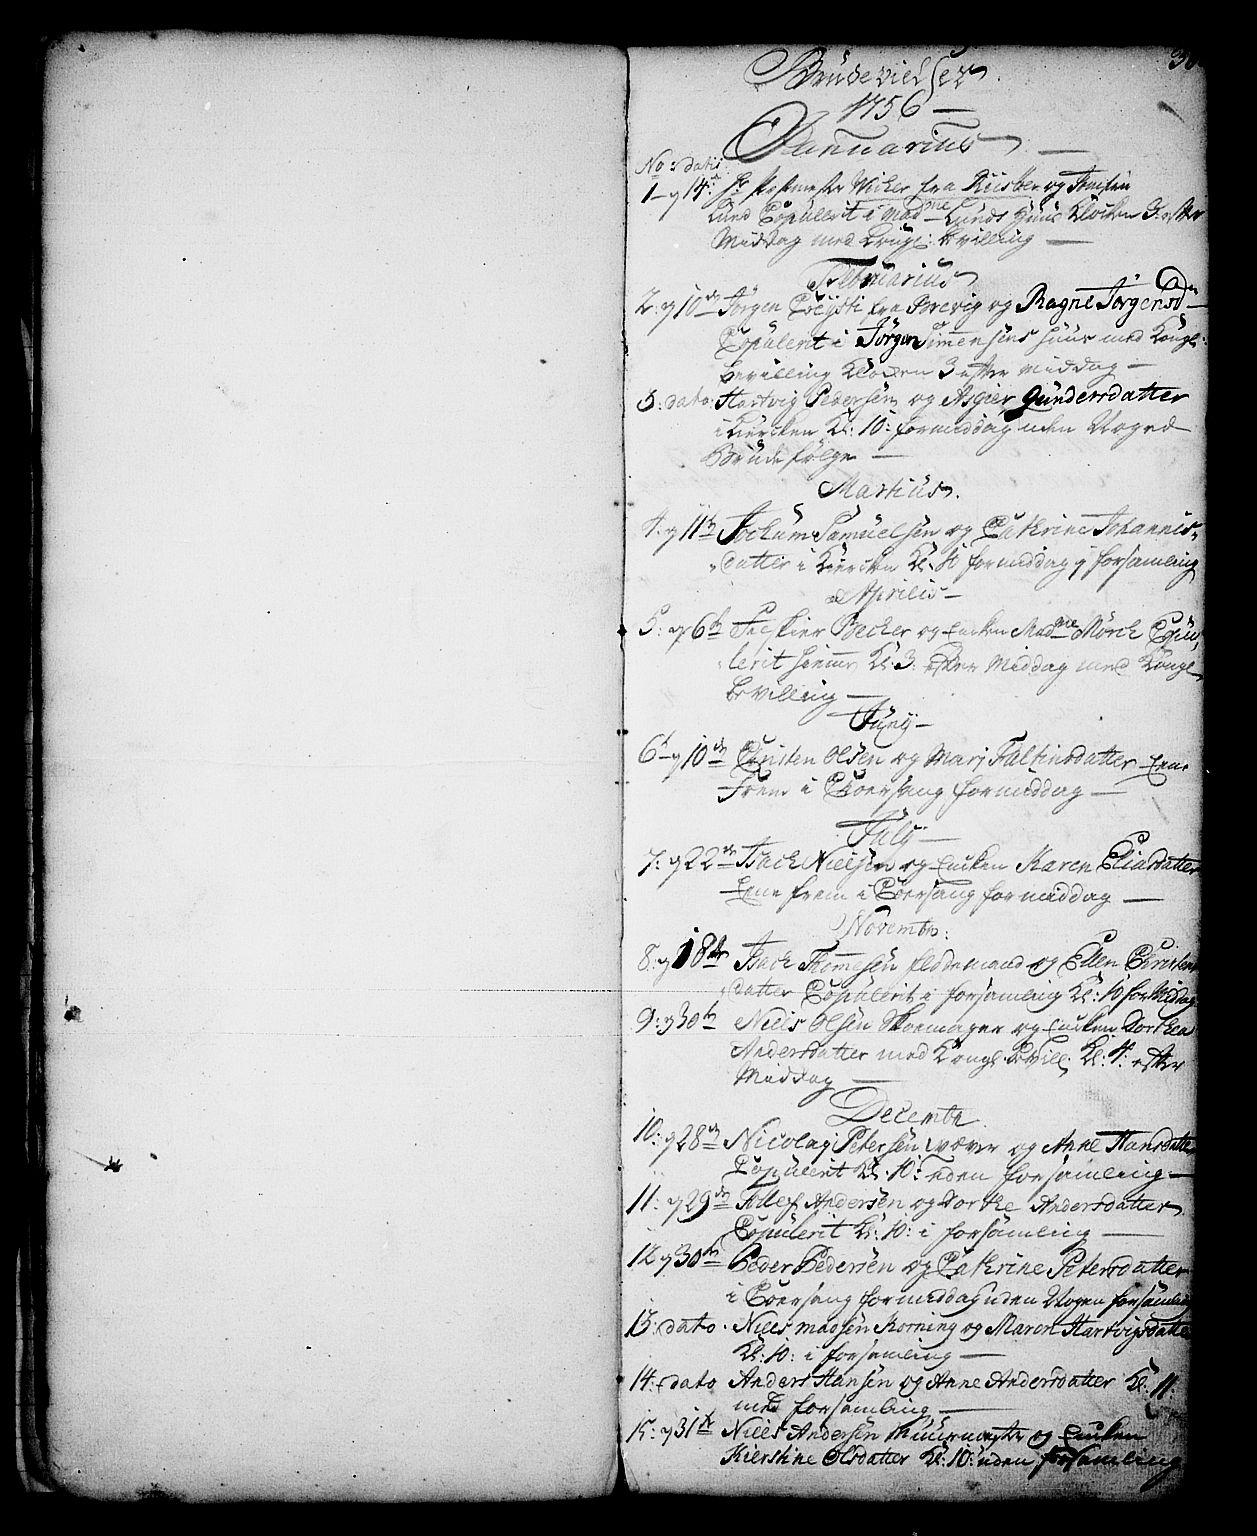 SAKO, Skien kirkebøker, G/Ga/L0001: Klokkerbok nr. 1, 1756-1791, s. 30